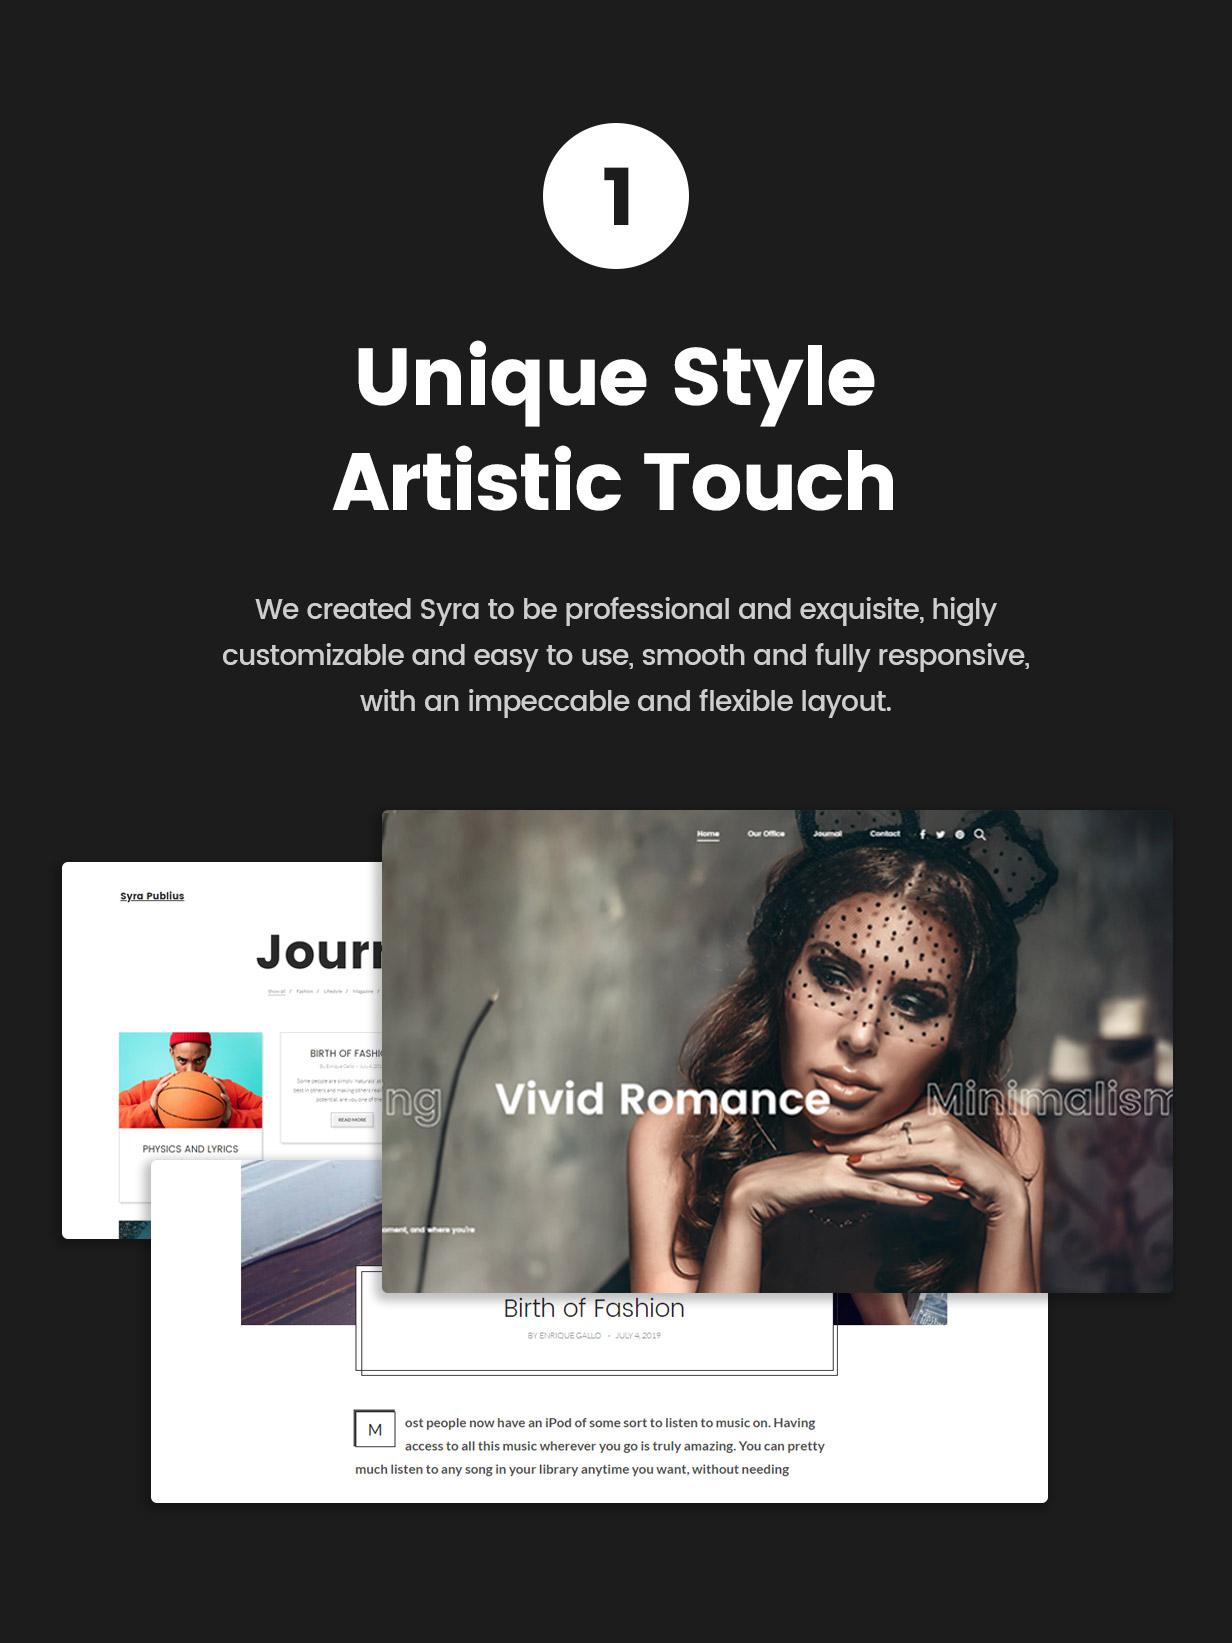 Syra - Un thème WordPress portefeuille minimal vitrine - 1